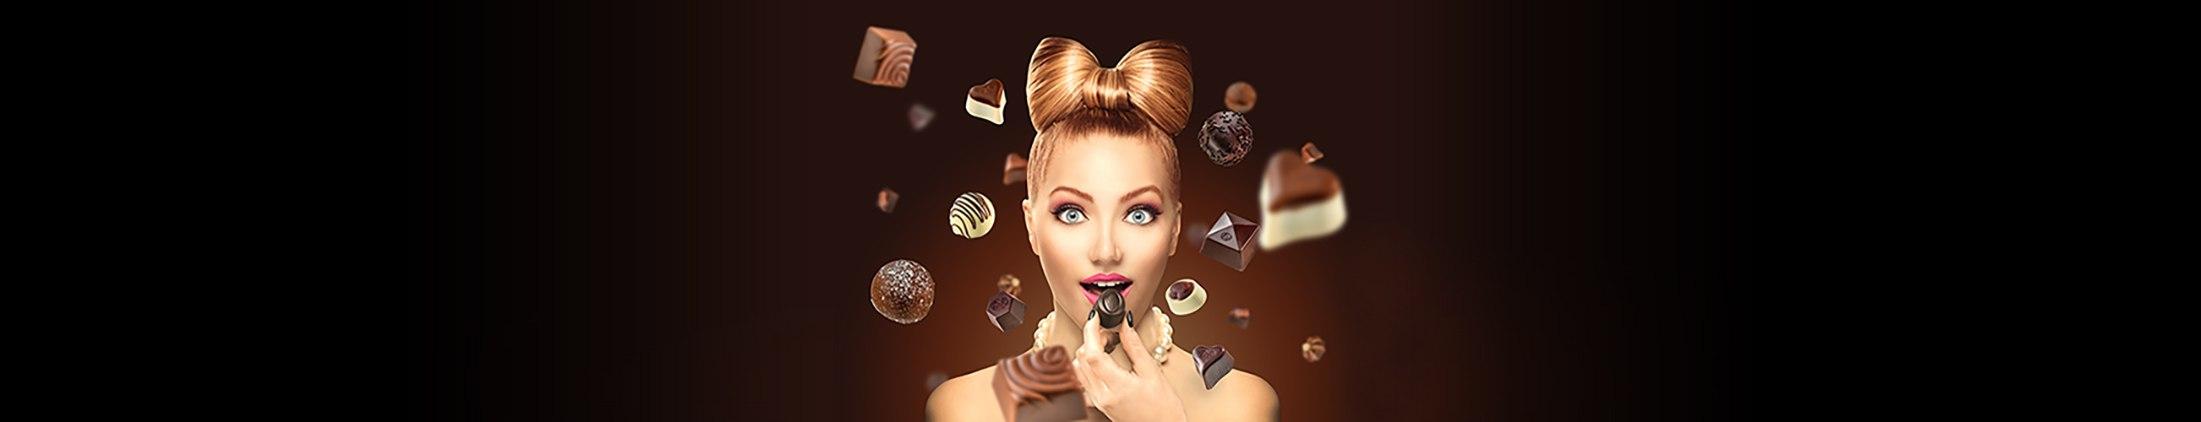 Chocolade blijkt gezond voor het geheugen